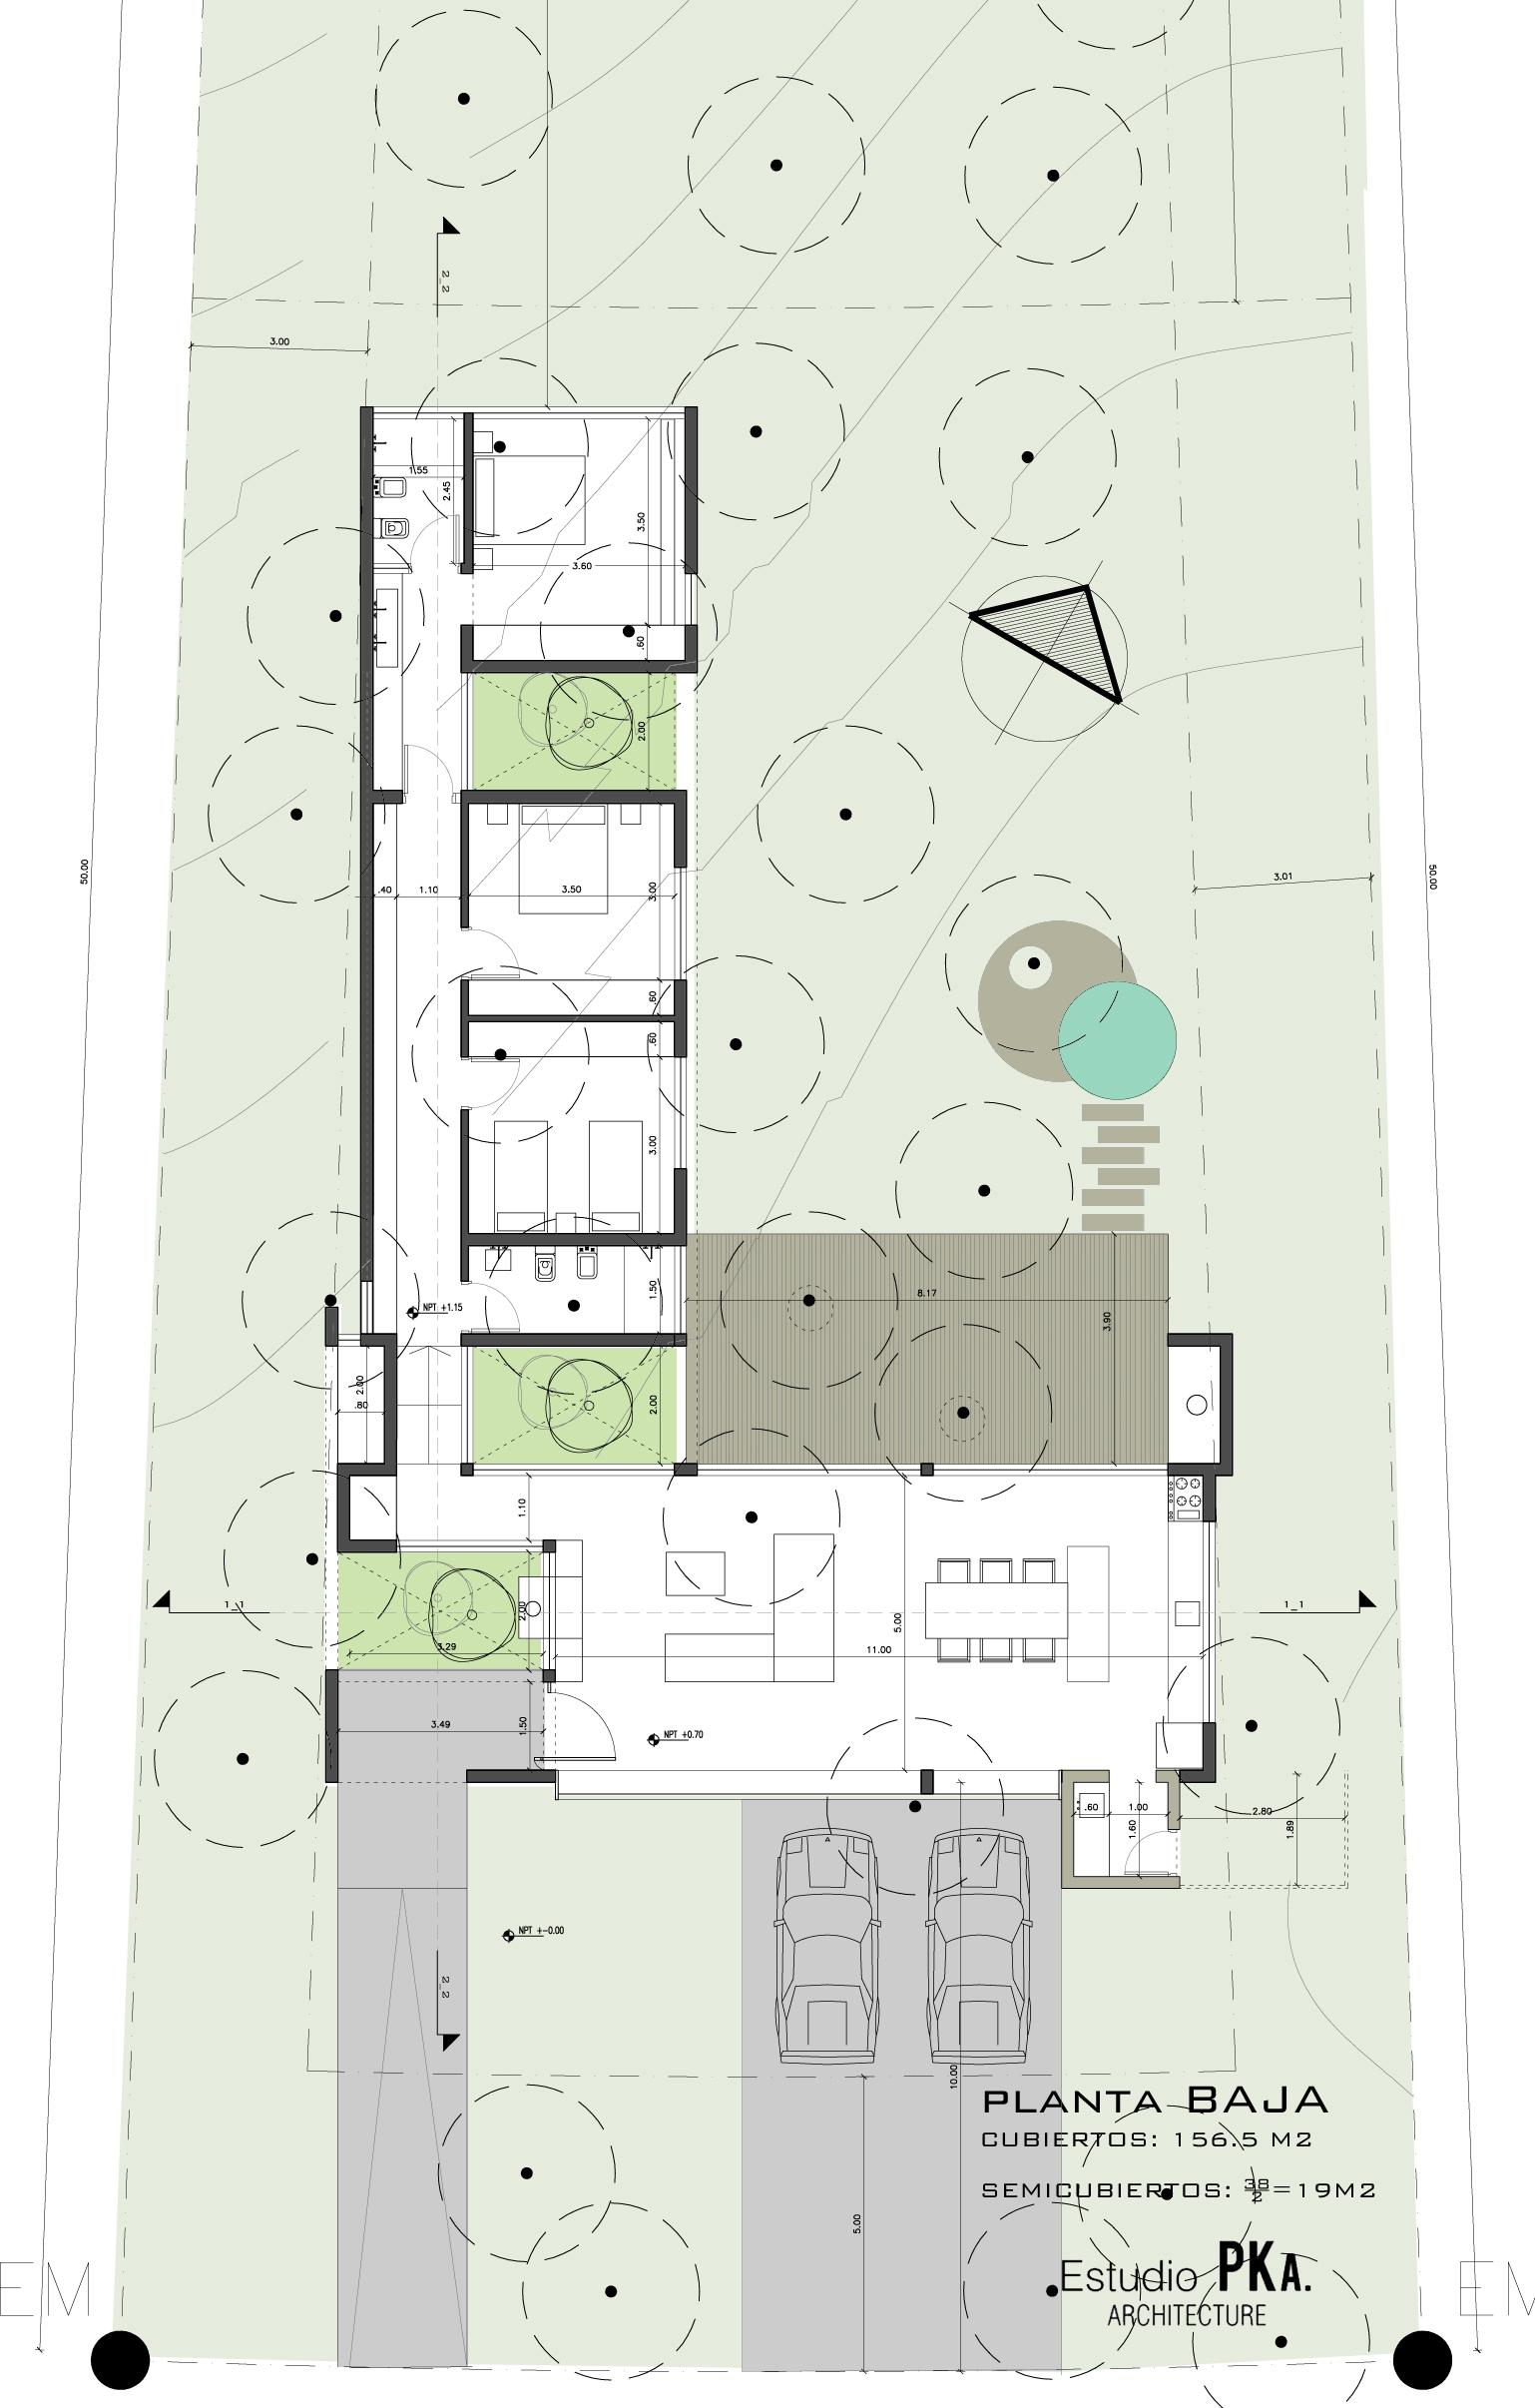 Galeria de casa l estudio pka 22 for Casas en ele planos